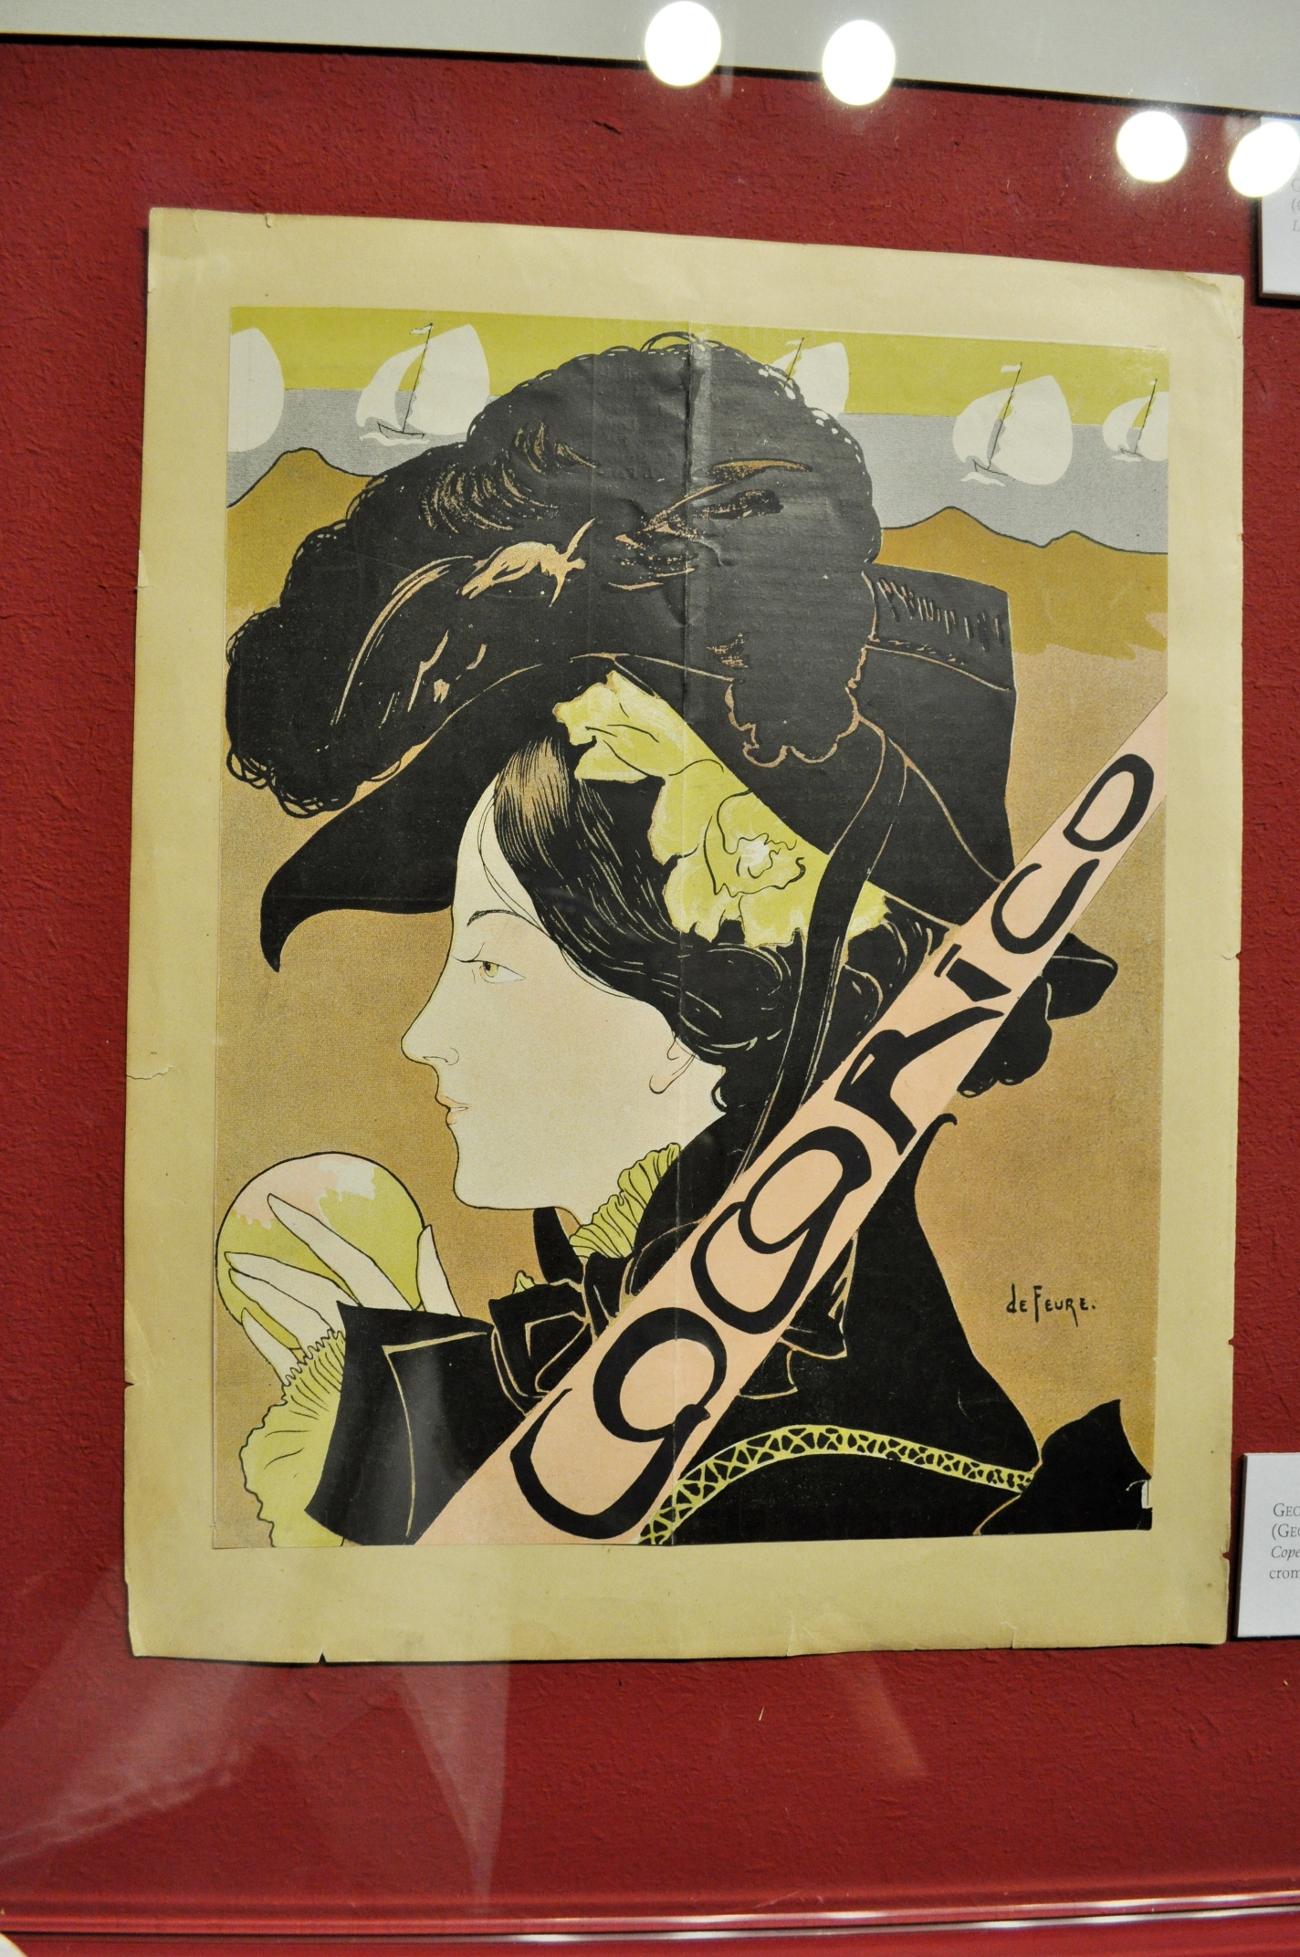 rocaille-blog-la-vergine-e-la-femme-fatale-mostra-sesto-fiorentino-firenze-25